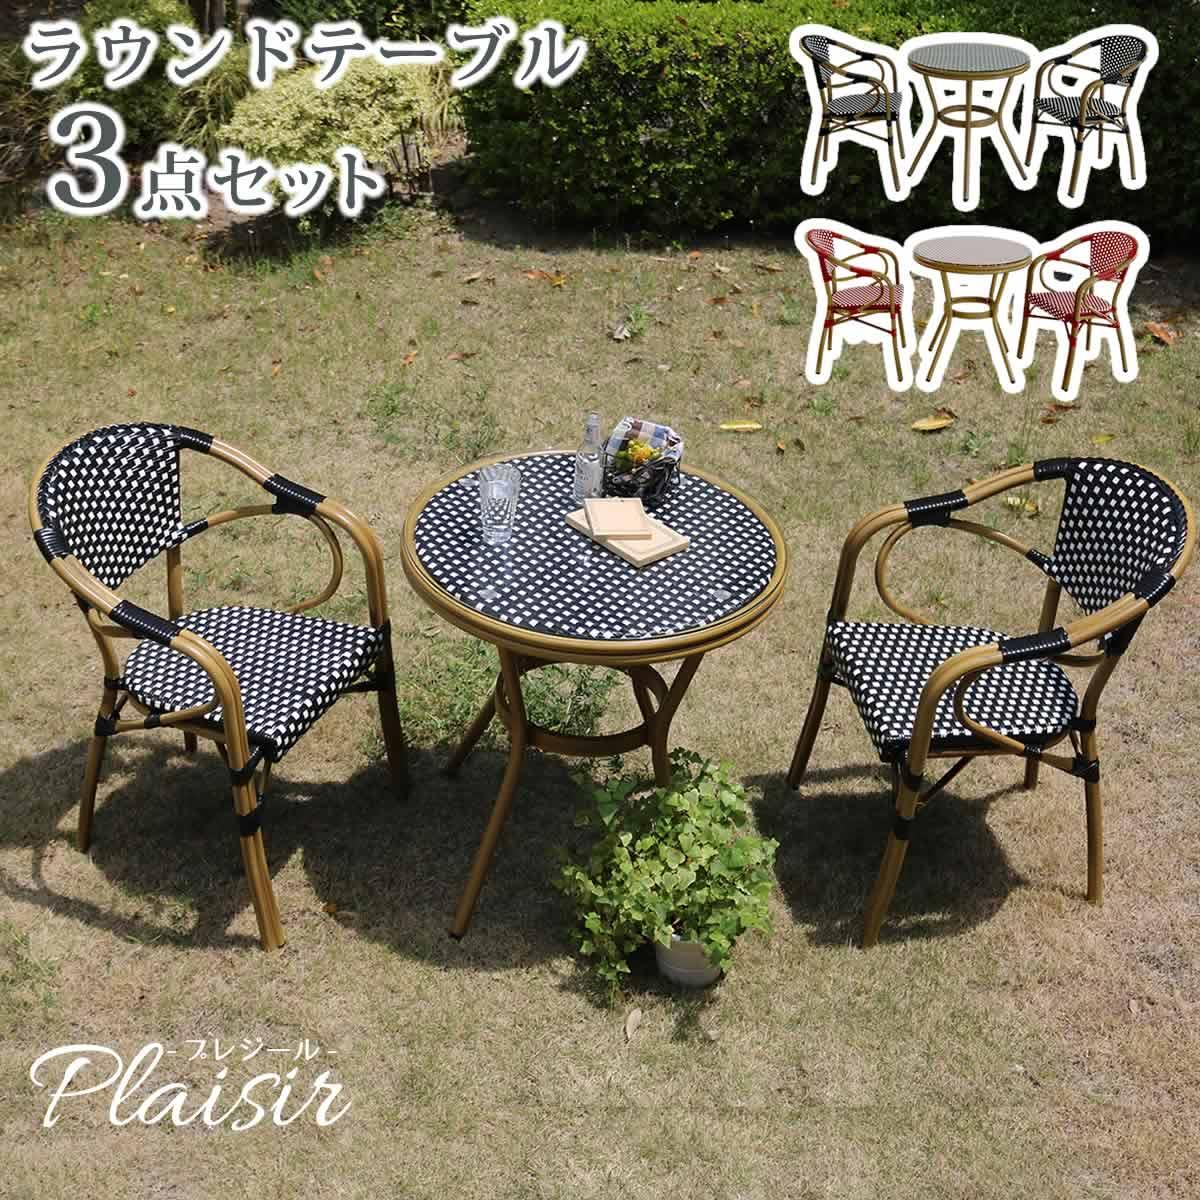 ラウンドテーブル3点セット プレジール 送料無料 簡単組立 ガーデンテーブル PEラタン テラス 庭 レッド ブラック アルミ モダン ラウンド イングリッシュガーデン ファニチャー シンプル 欧州 インテリア 家具 チェア カフェ